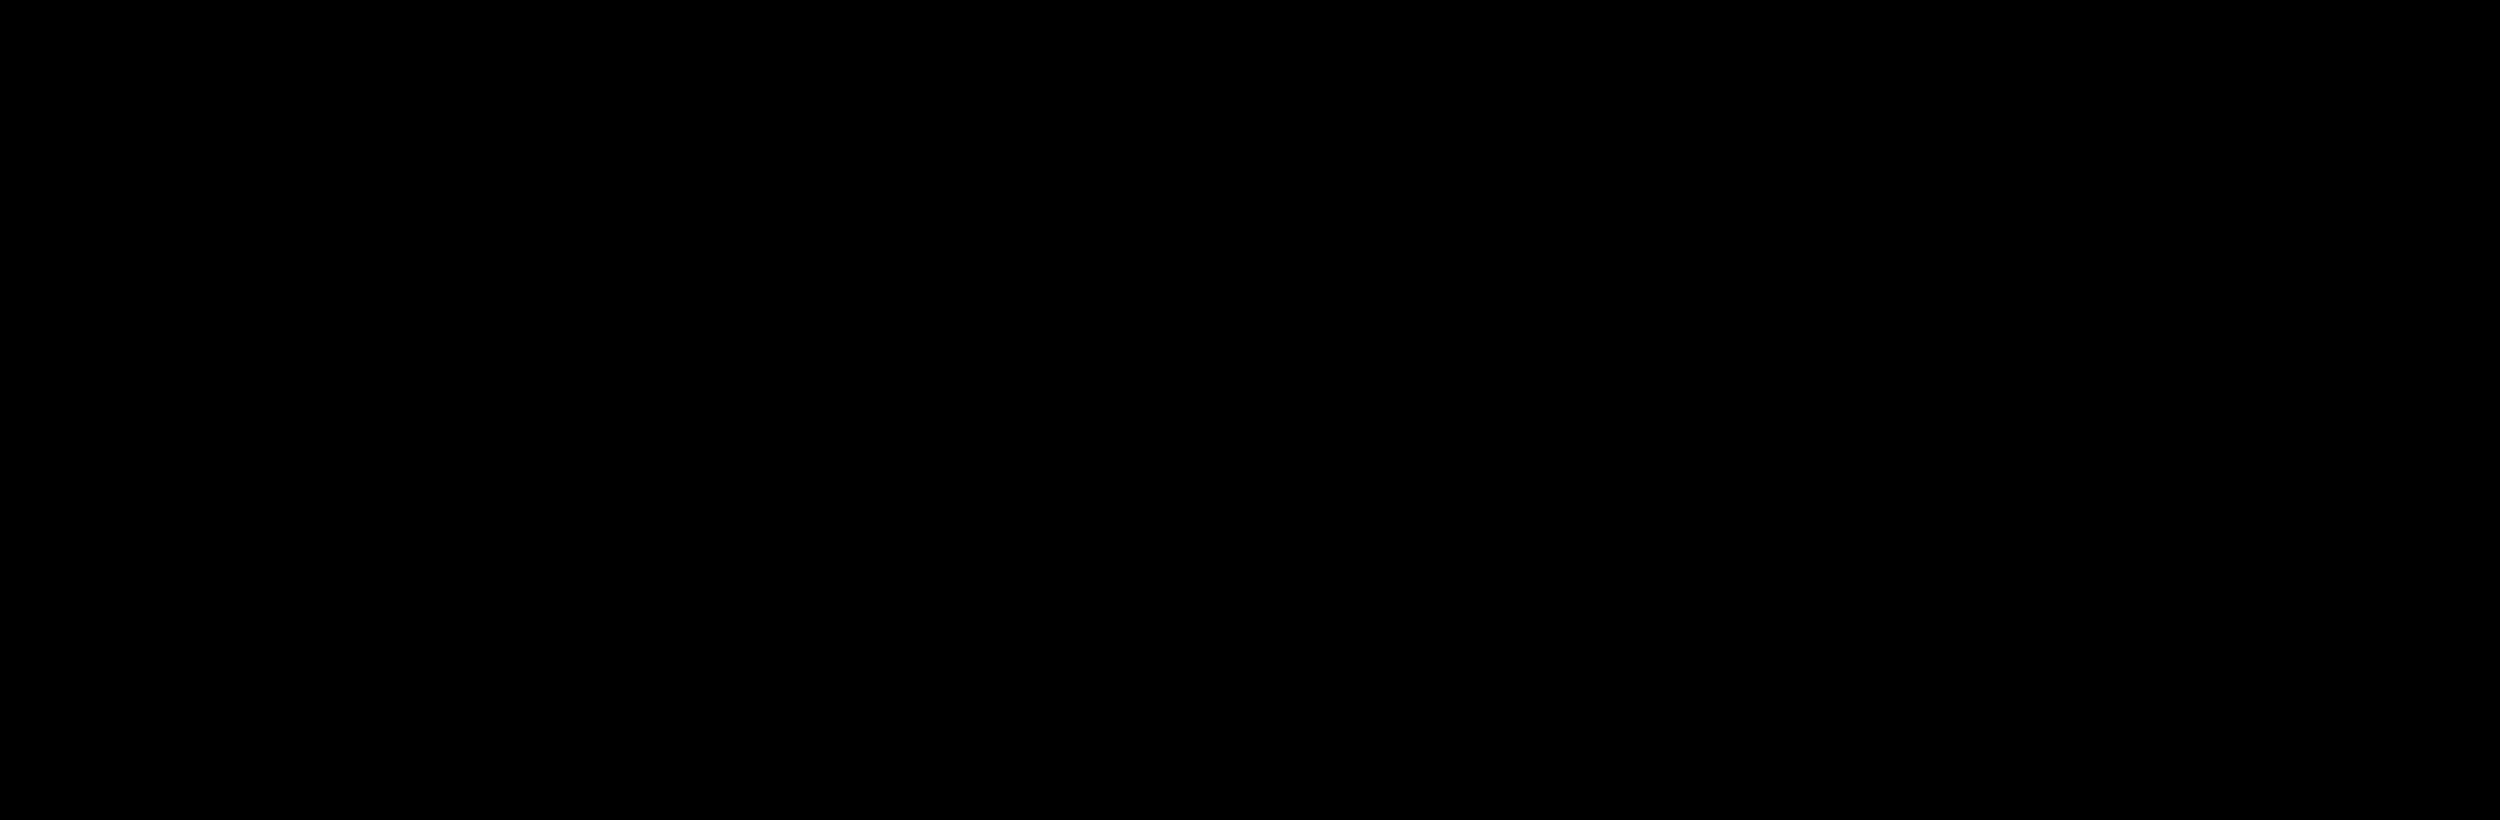 CampusLogo-01.png